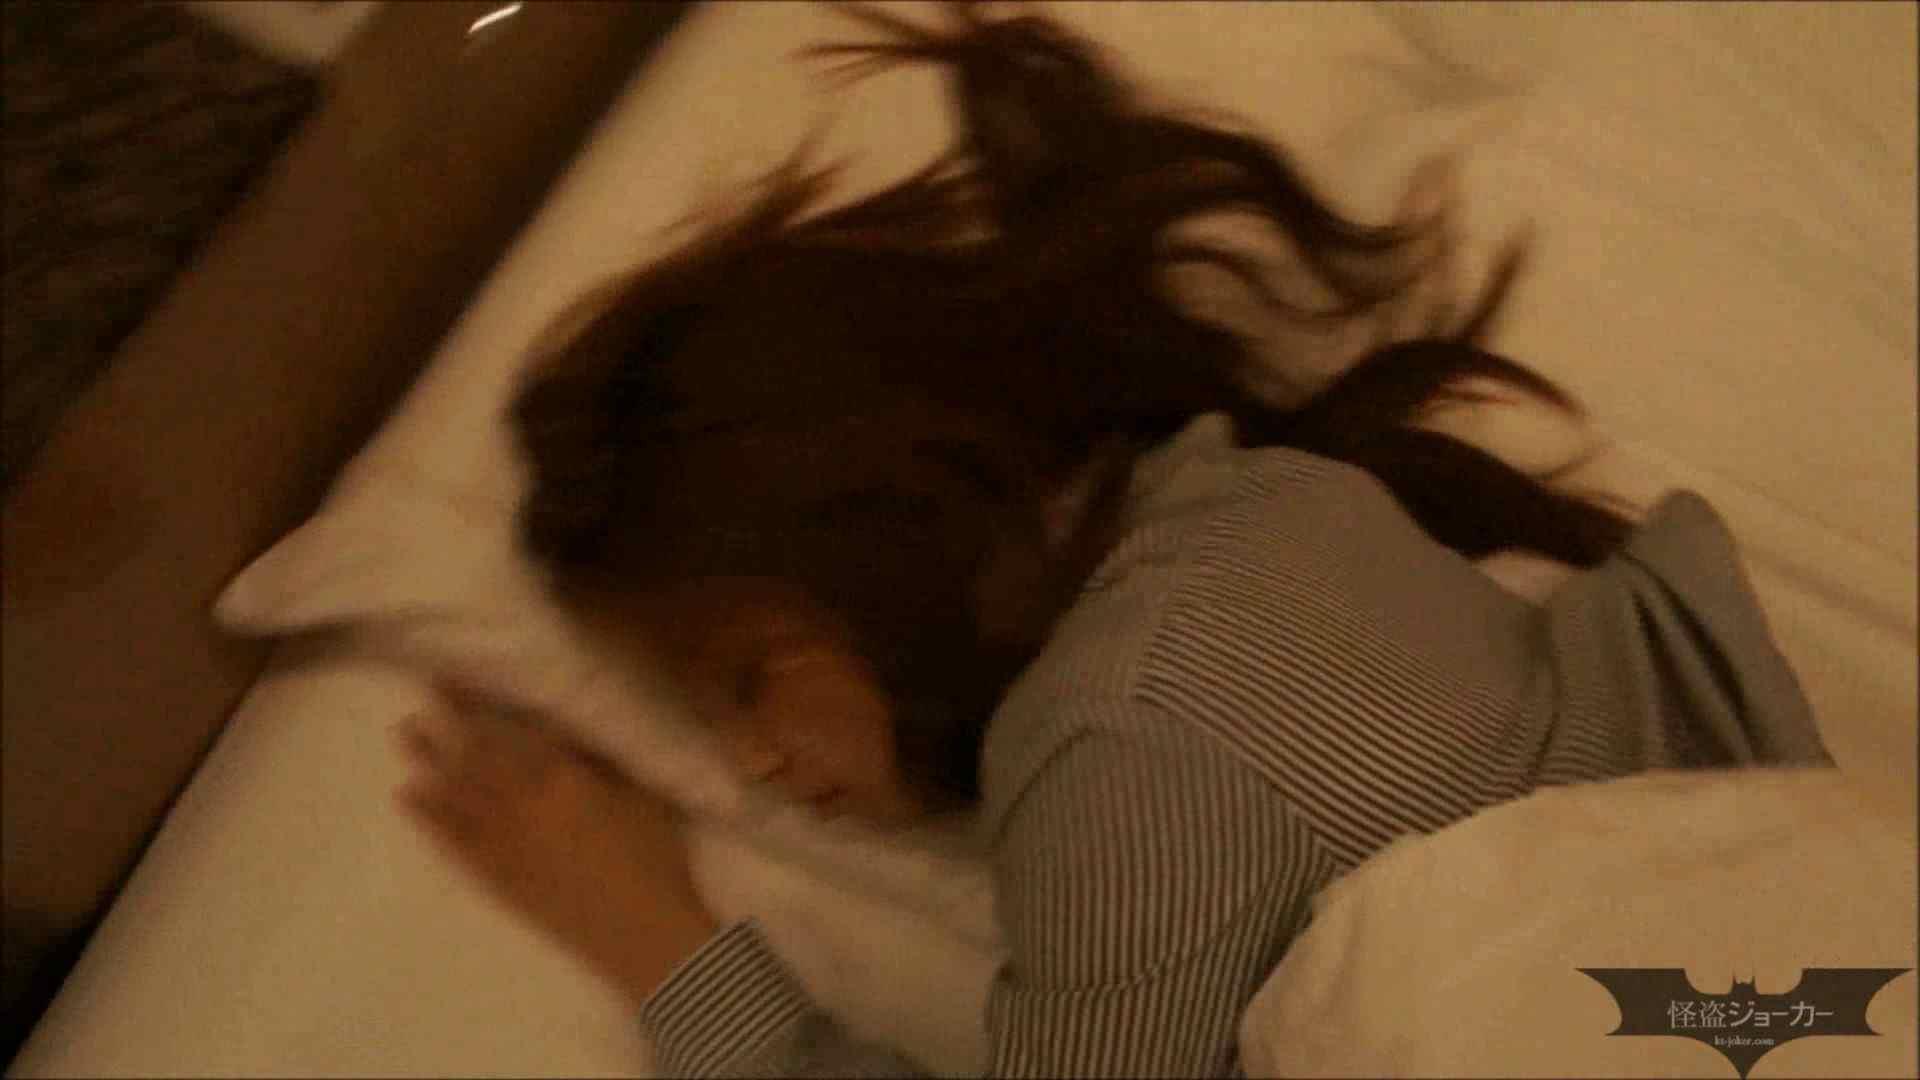 【未公開】vol.19 セレブ美魔女・仕事帰りに口淫、膣内射精、滴り落ちる精液。 丸見え   巨乳  86枚 45